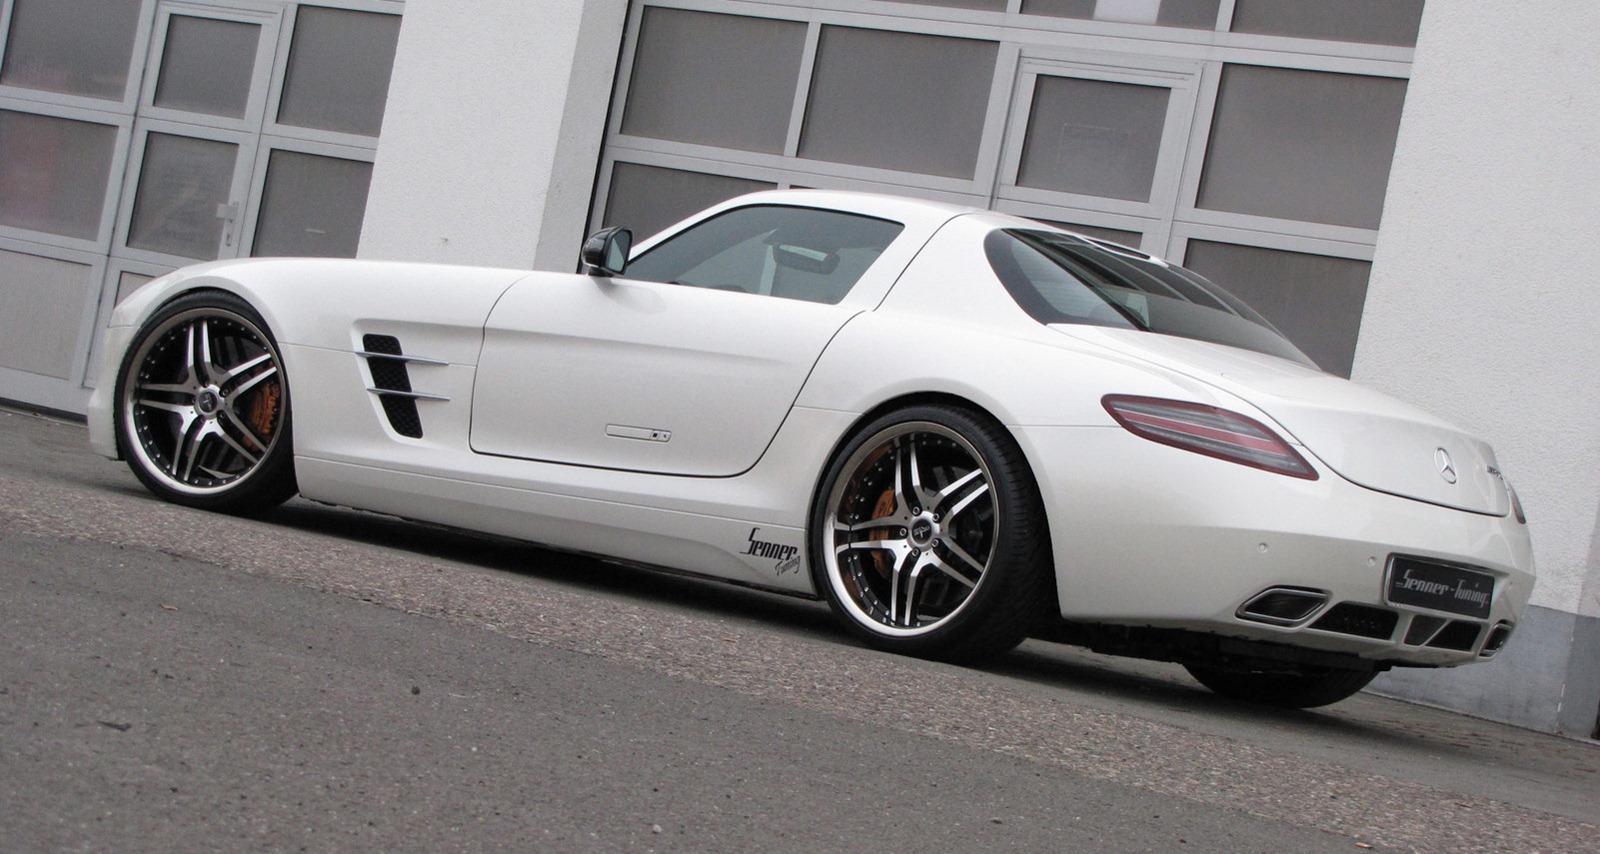 Senner představil lehčí úpravy pro Mercedes-Benz SLS AMG 5